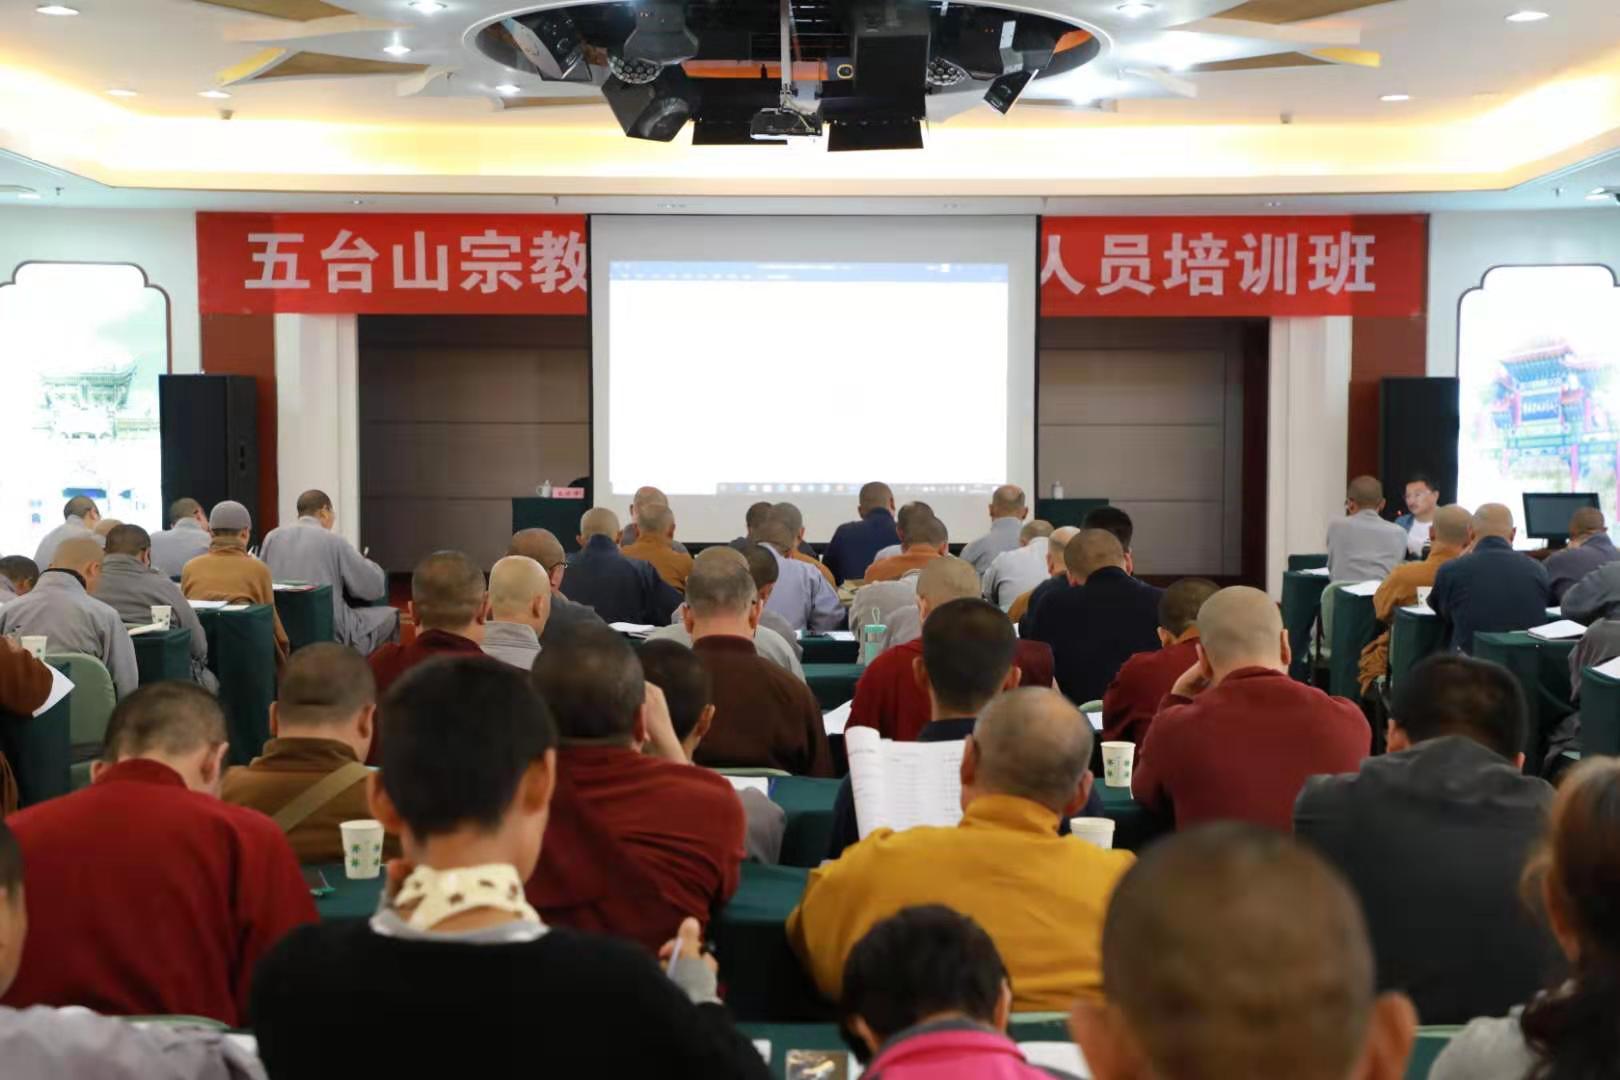 五台山举办宗教活动场所财务管理培训班